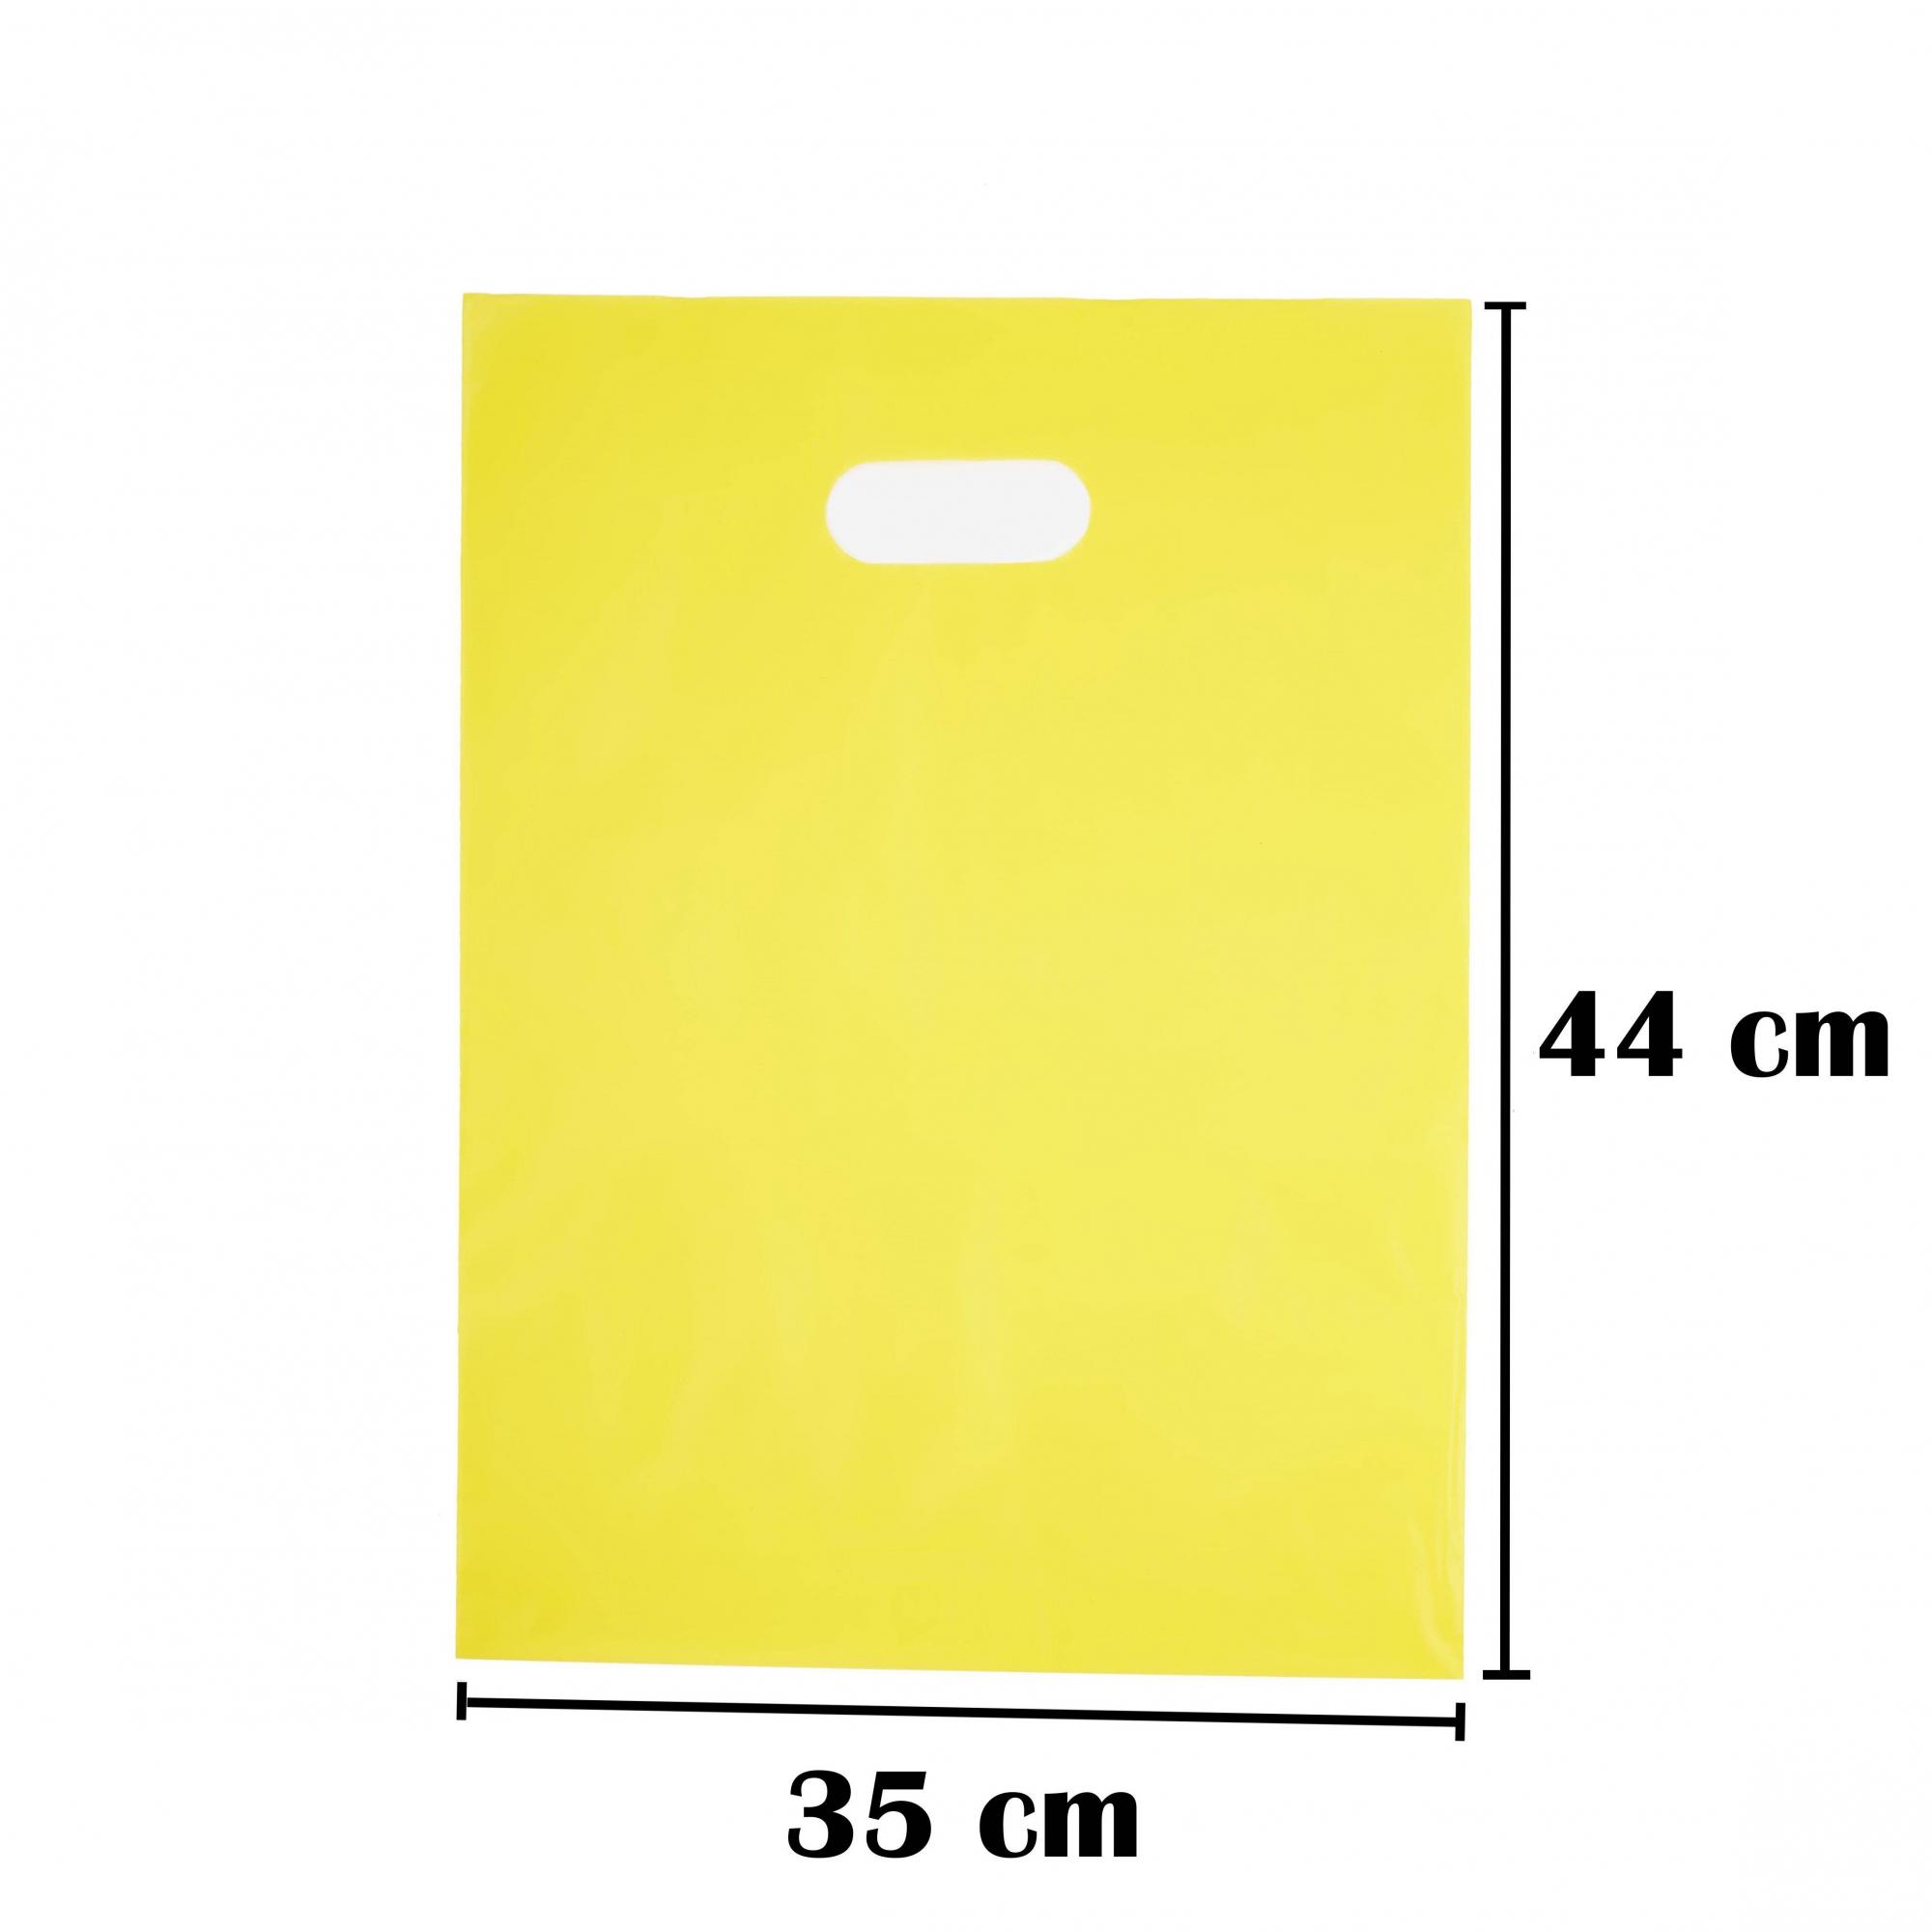 Sacola Plástica 35x44 Amarela Alça Boca de Palhaço 1.000 Unidades